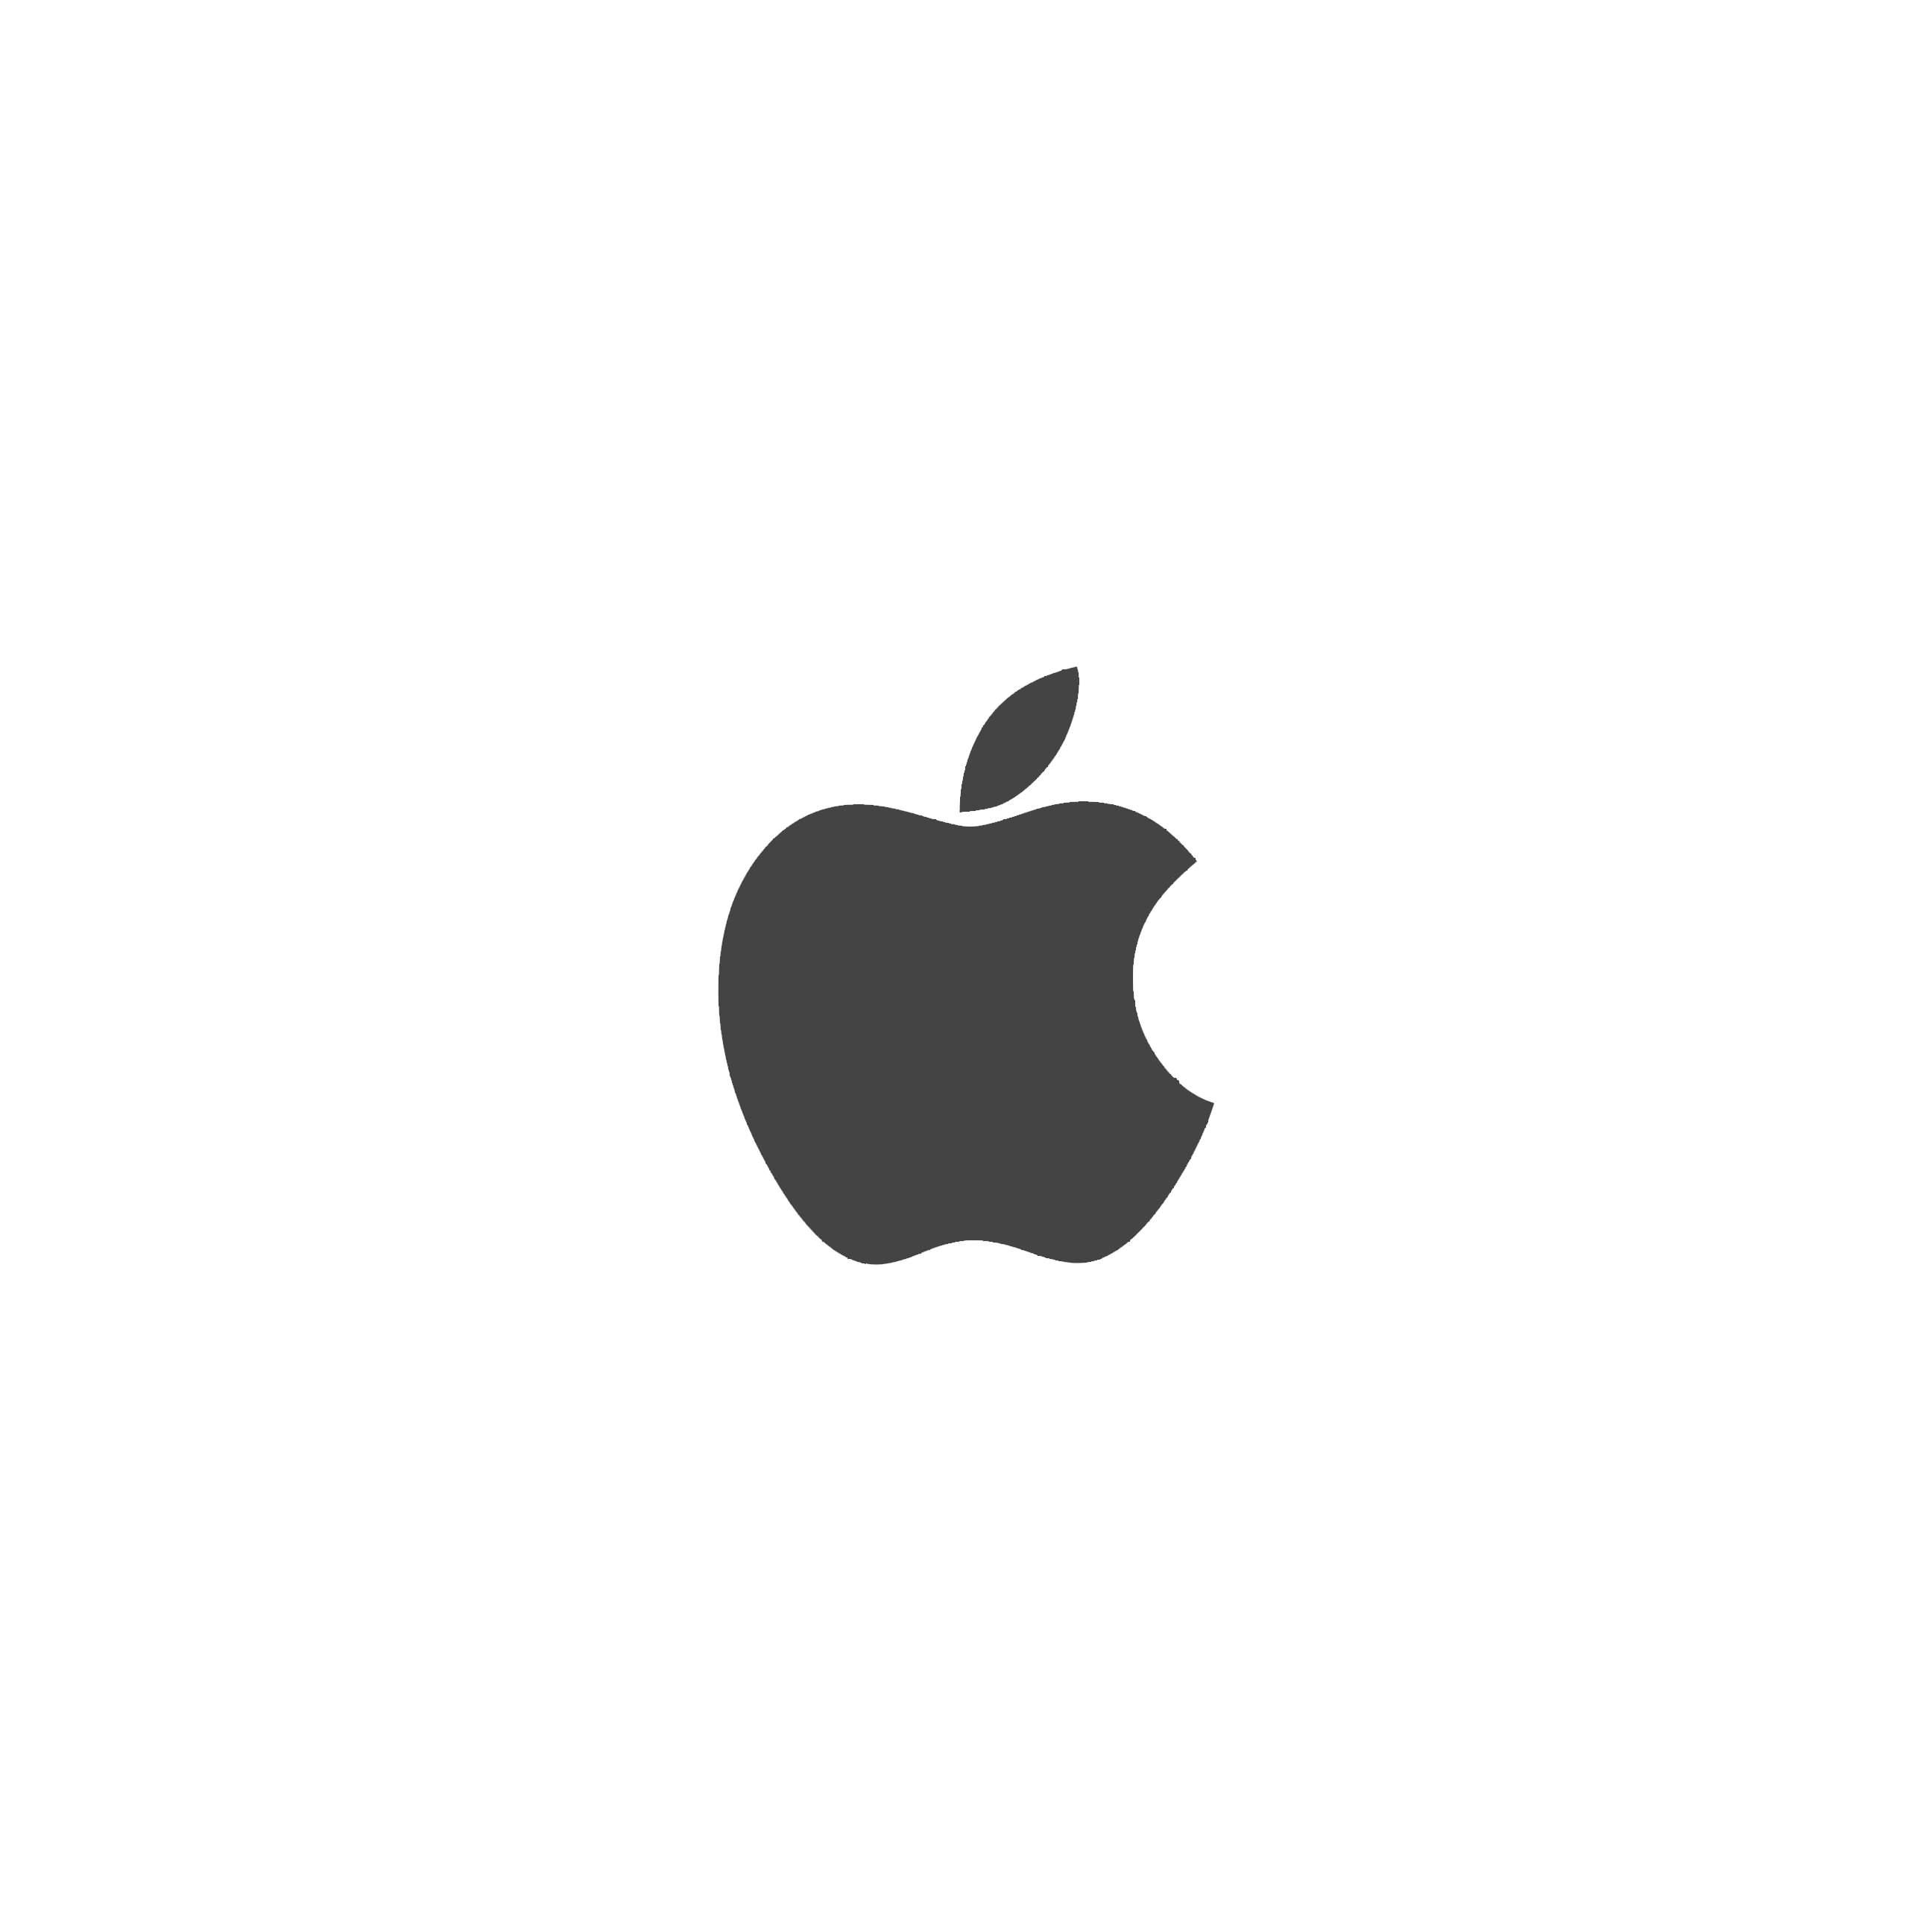 iPhone 6s Plus iPhone 6 Plus wallpaper 2592x2592